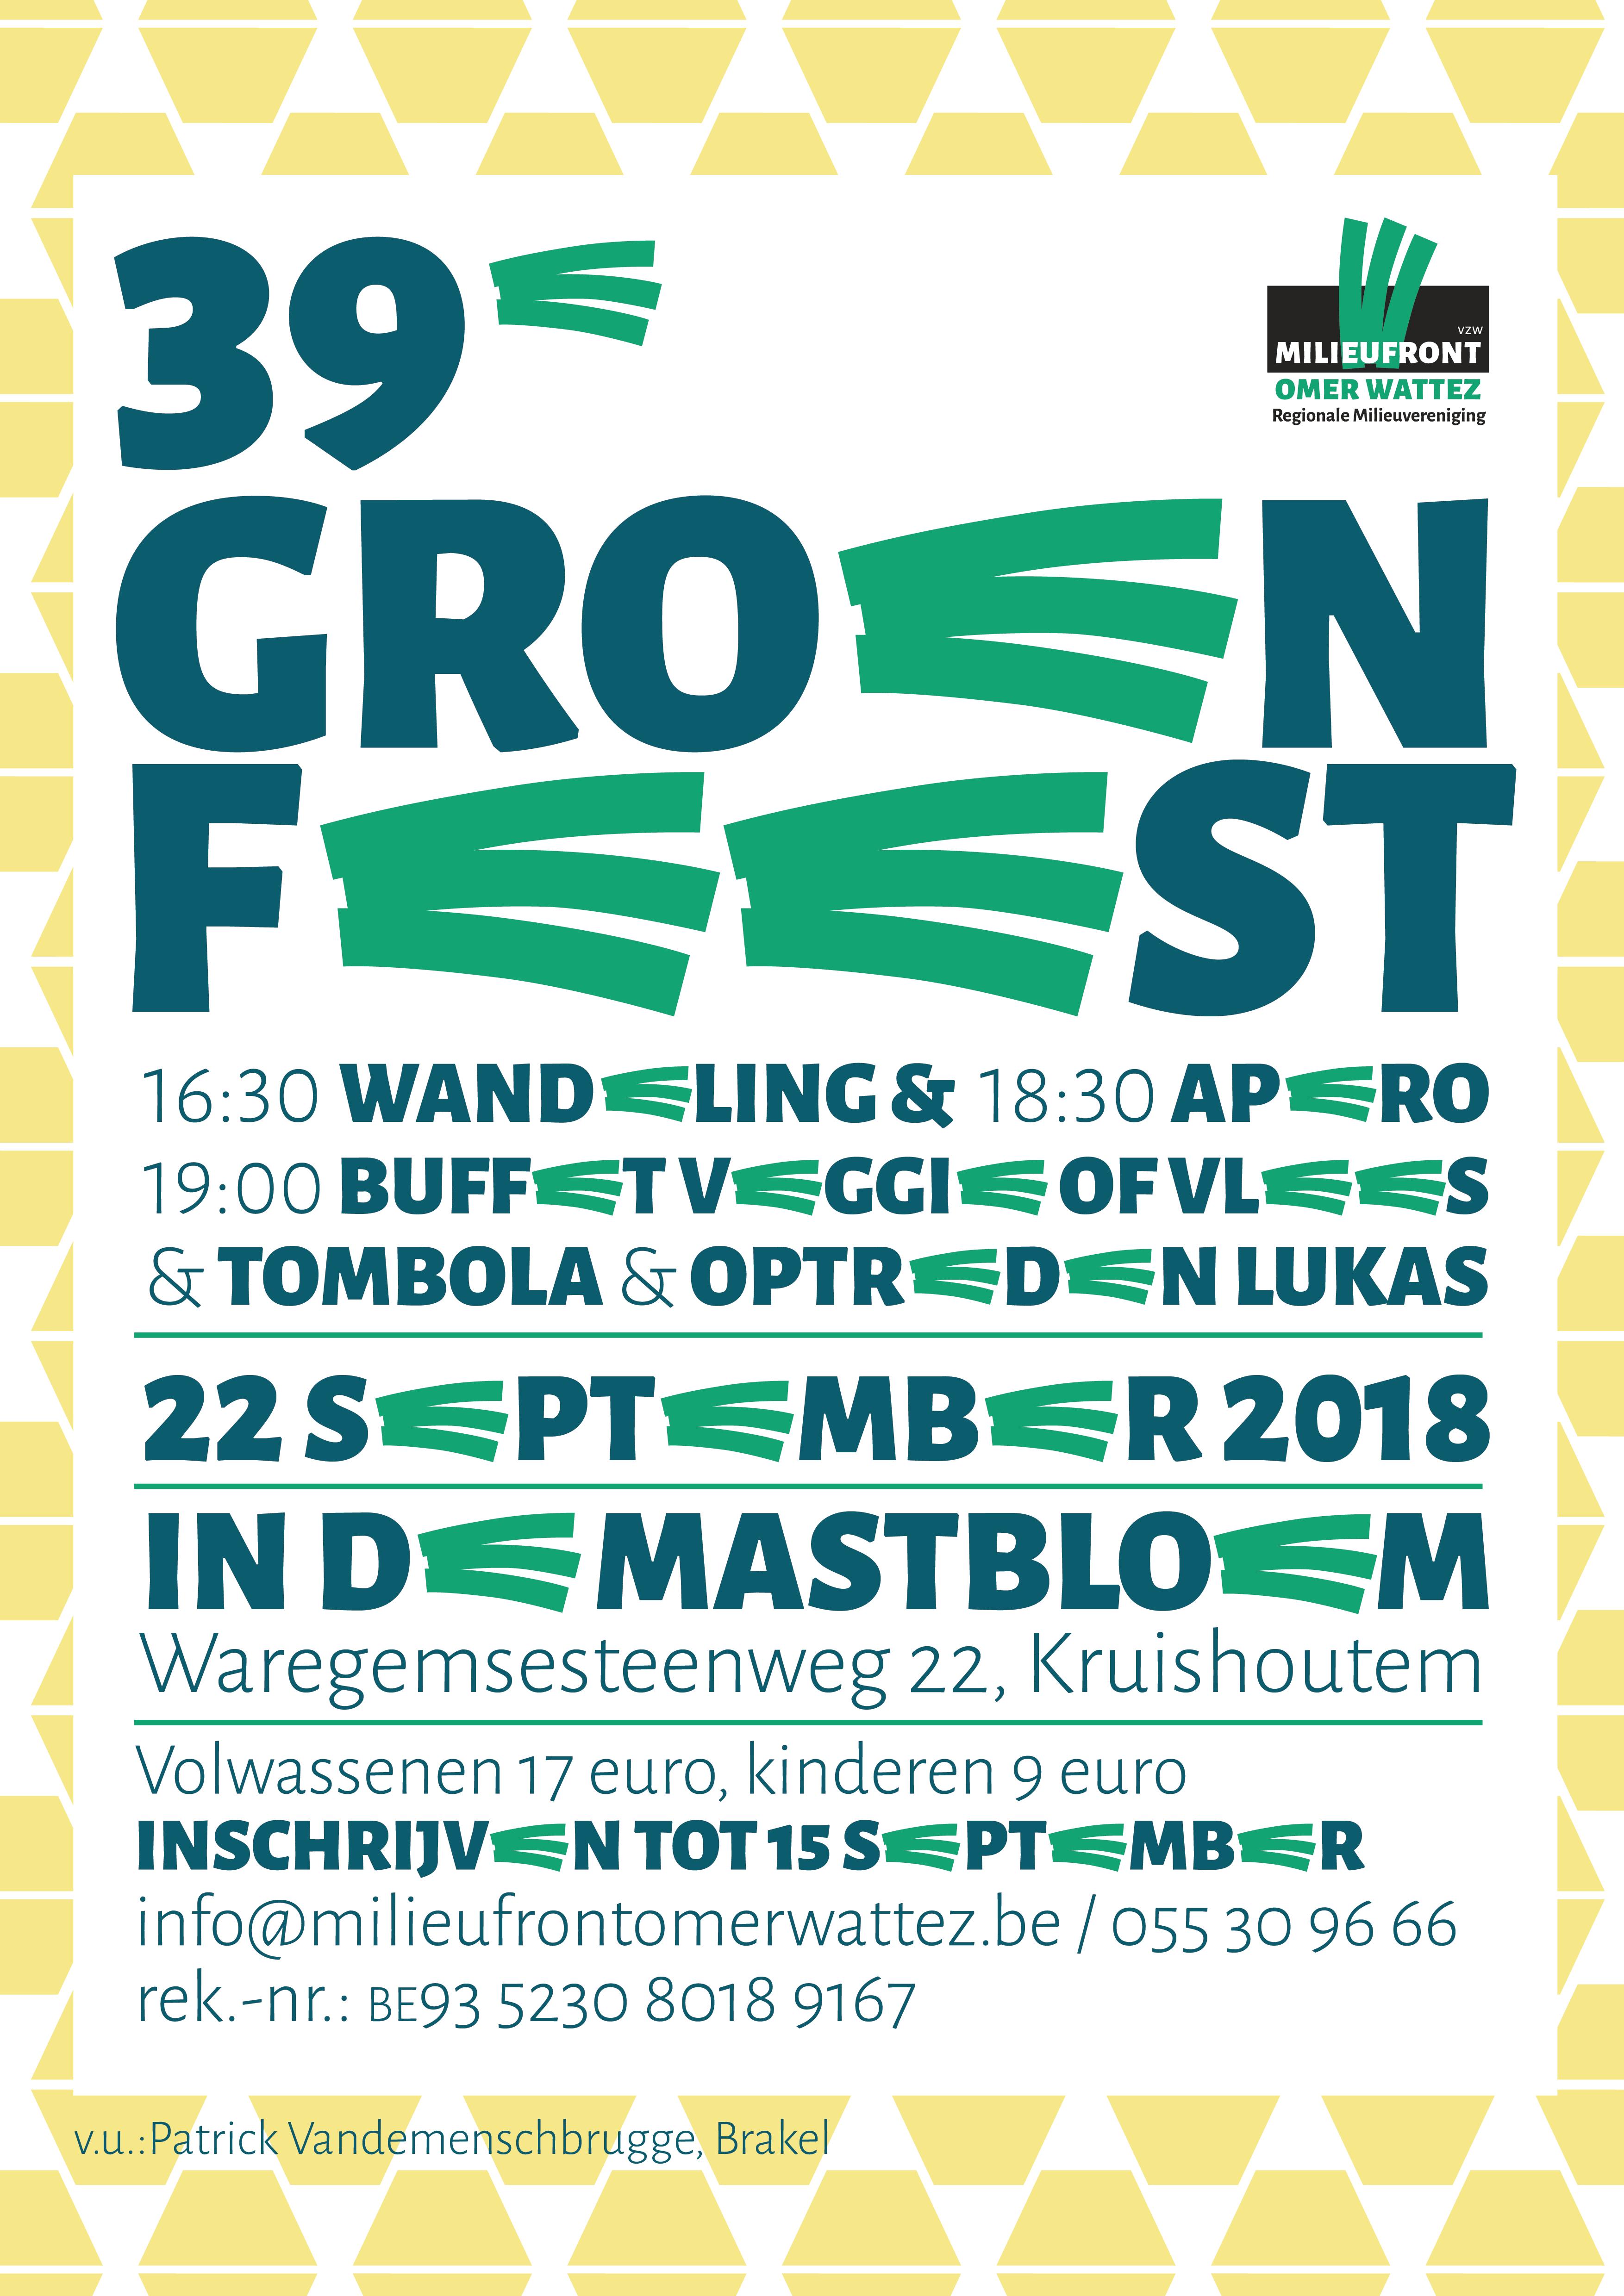 Groenfeest 2018